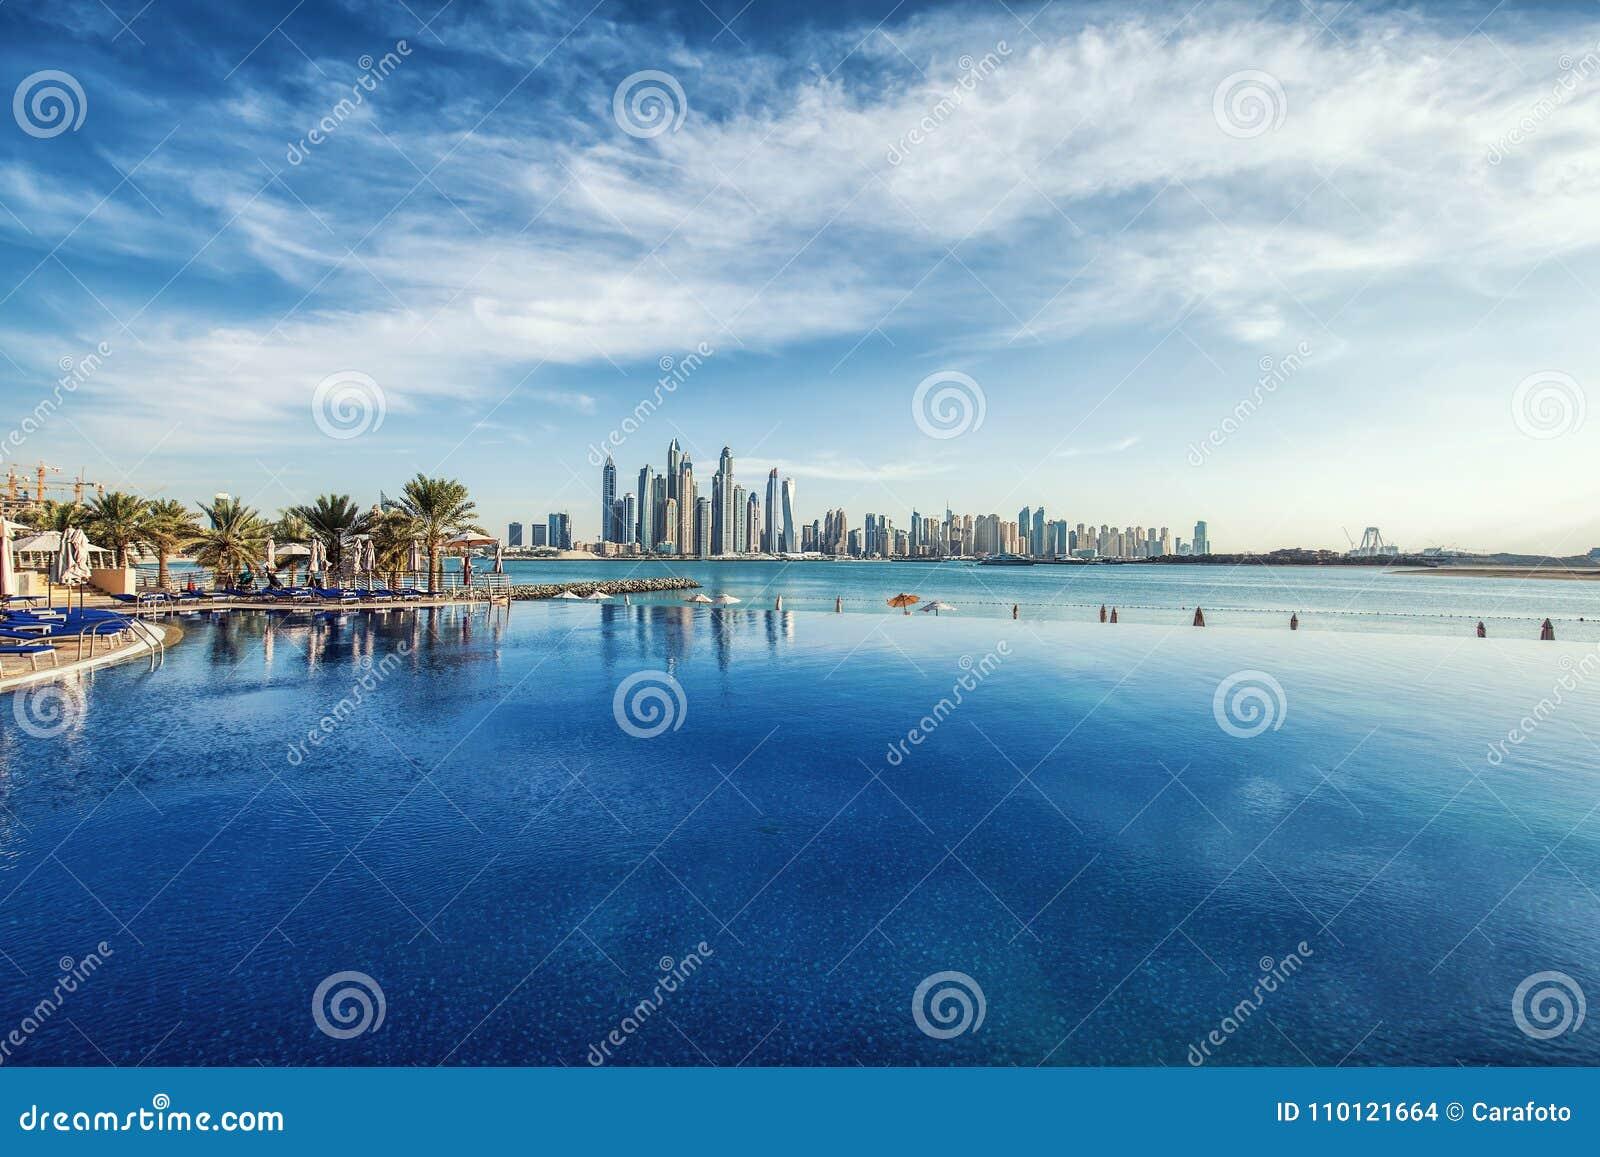 Πανόραμα του ορίζοντα μαρινών του Ντουμπάι, Ηνωμένα Αραβικά Εμιράτα